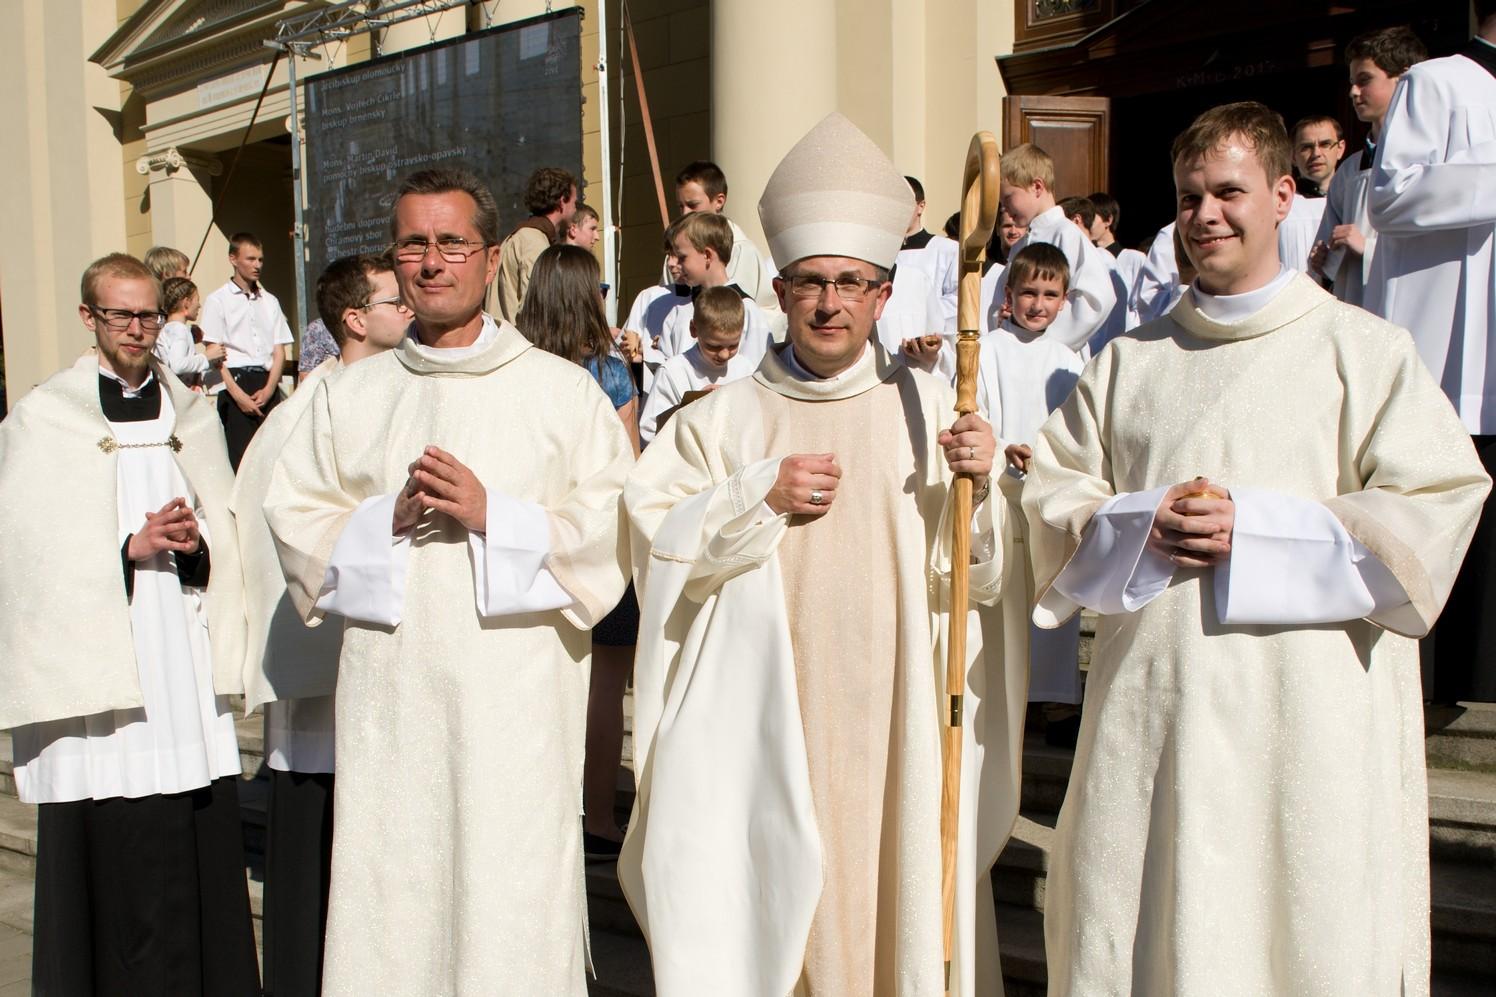 Svěcení-pomocného-biskupa10